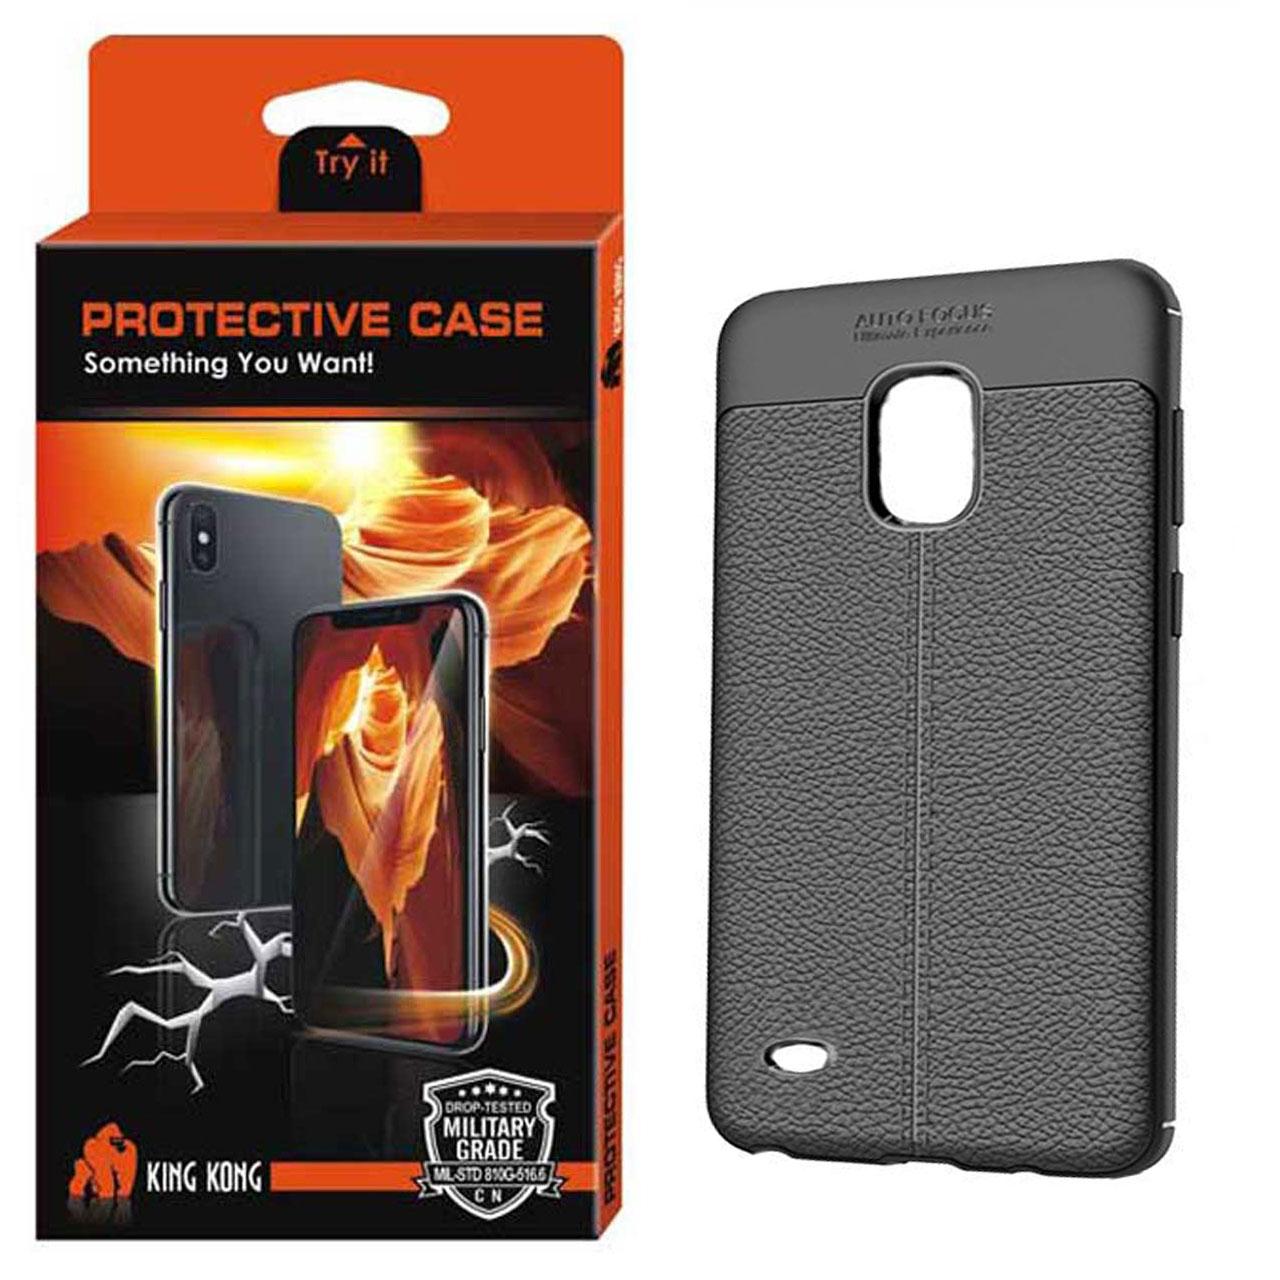 کاور اتوفوکوس مدل Protective Case مناسب برای گوشی موبایل سامسونگ Galaxy Note 4